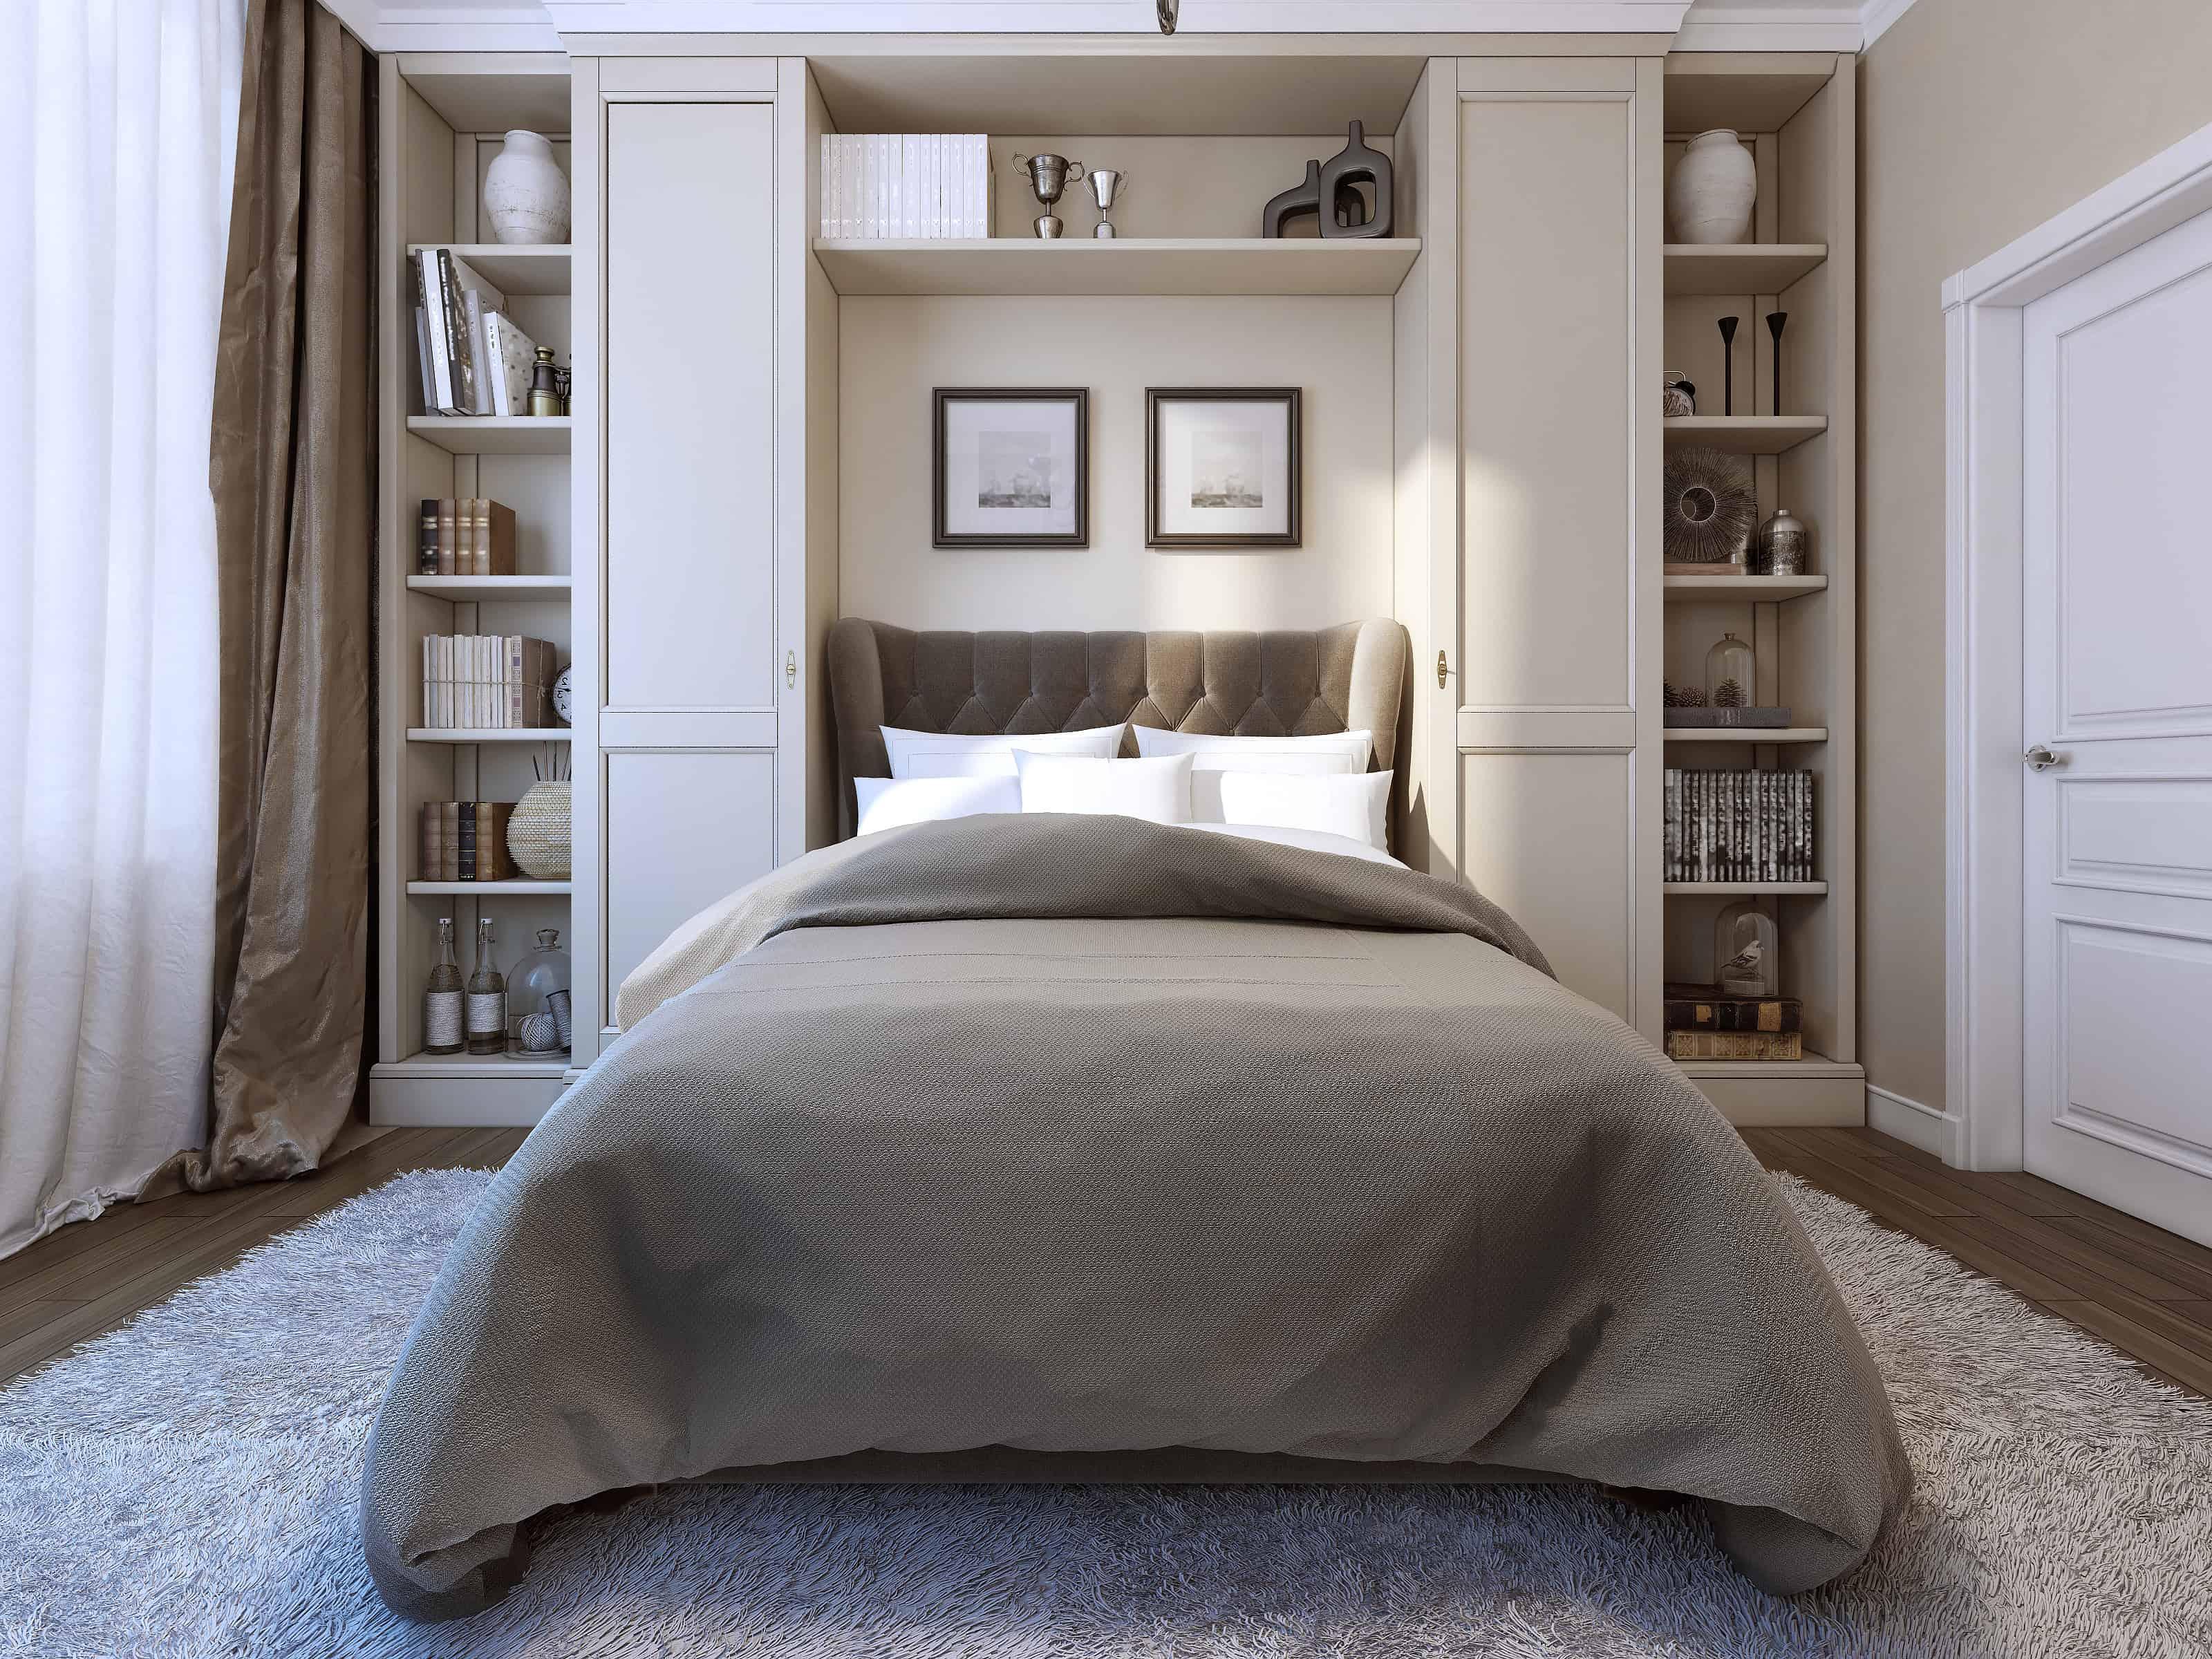 Schlafzimmerschrank: Test & Empfehlungen (12/19)